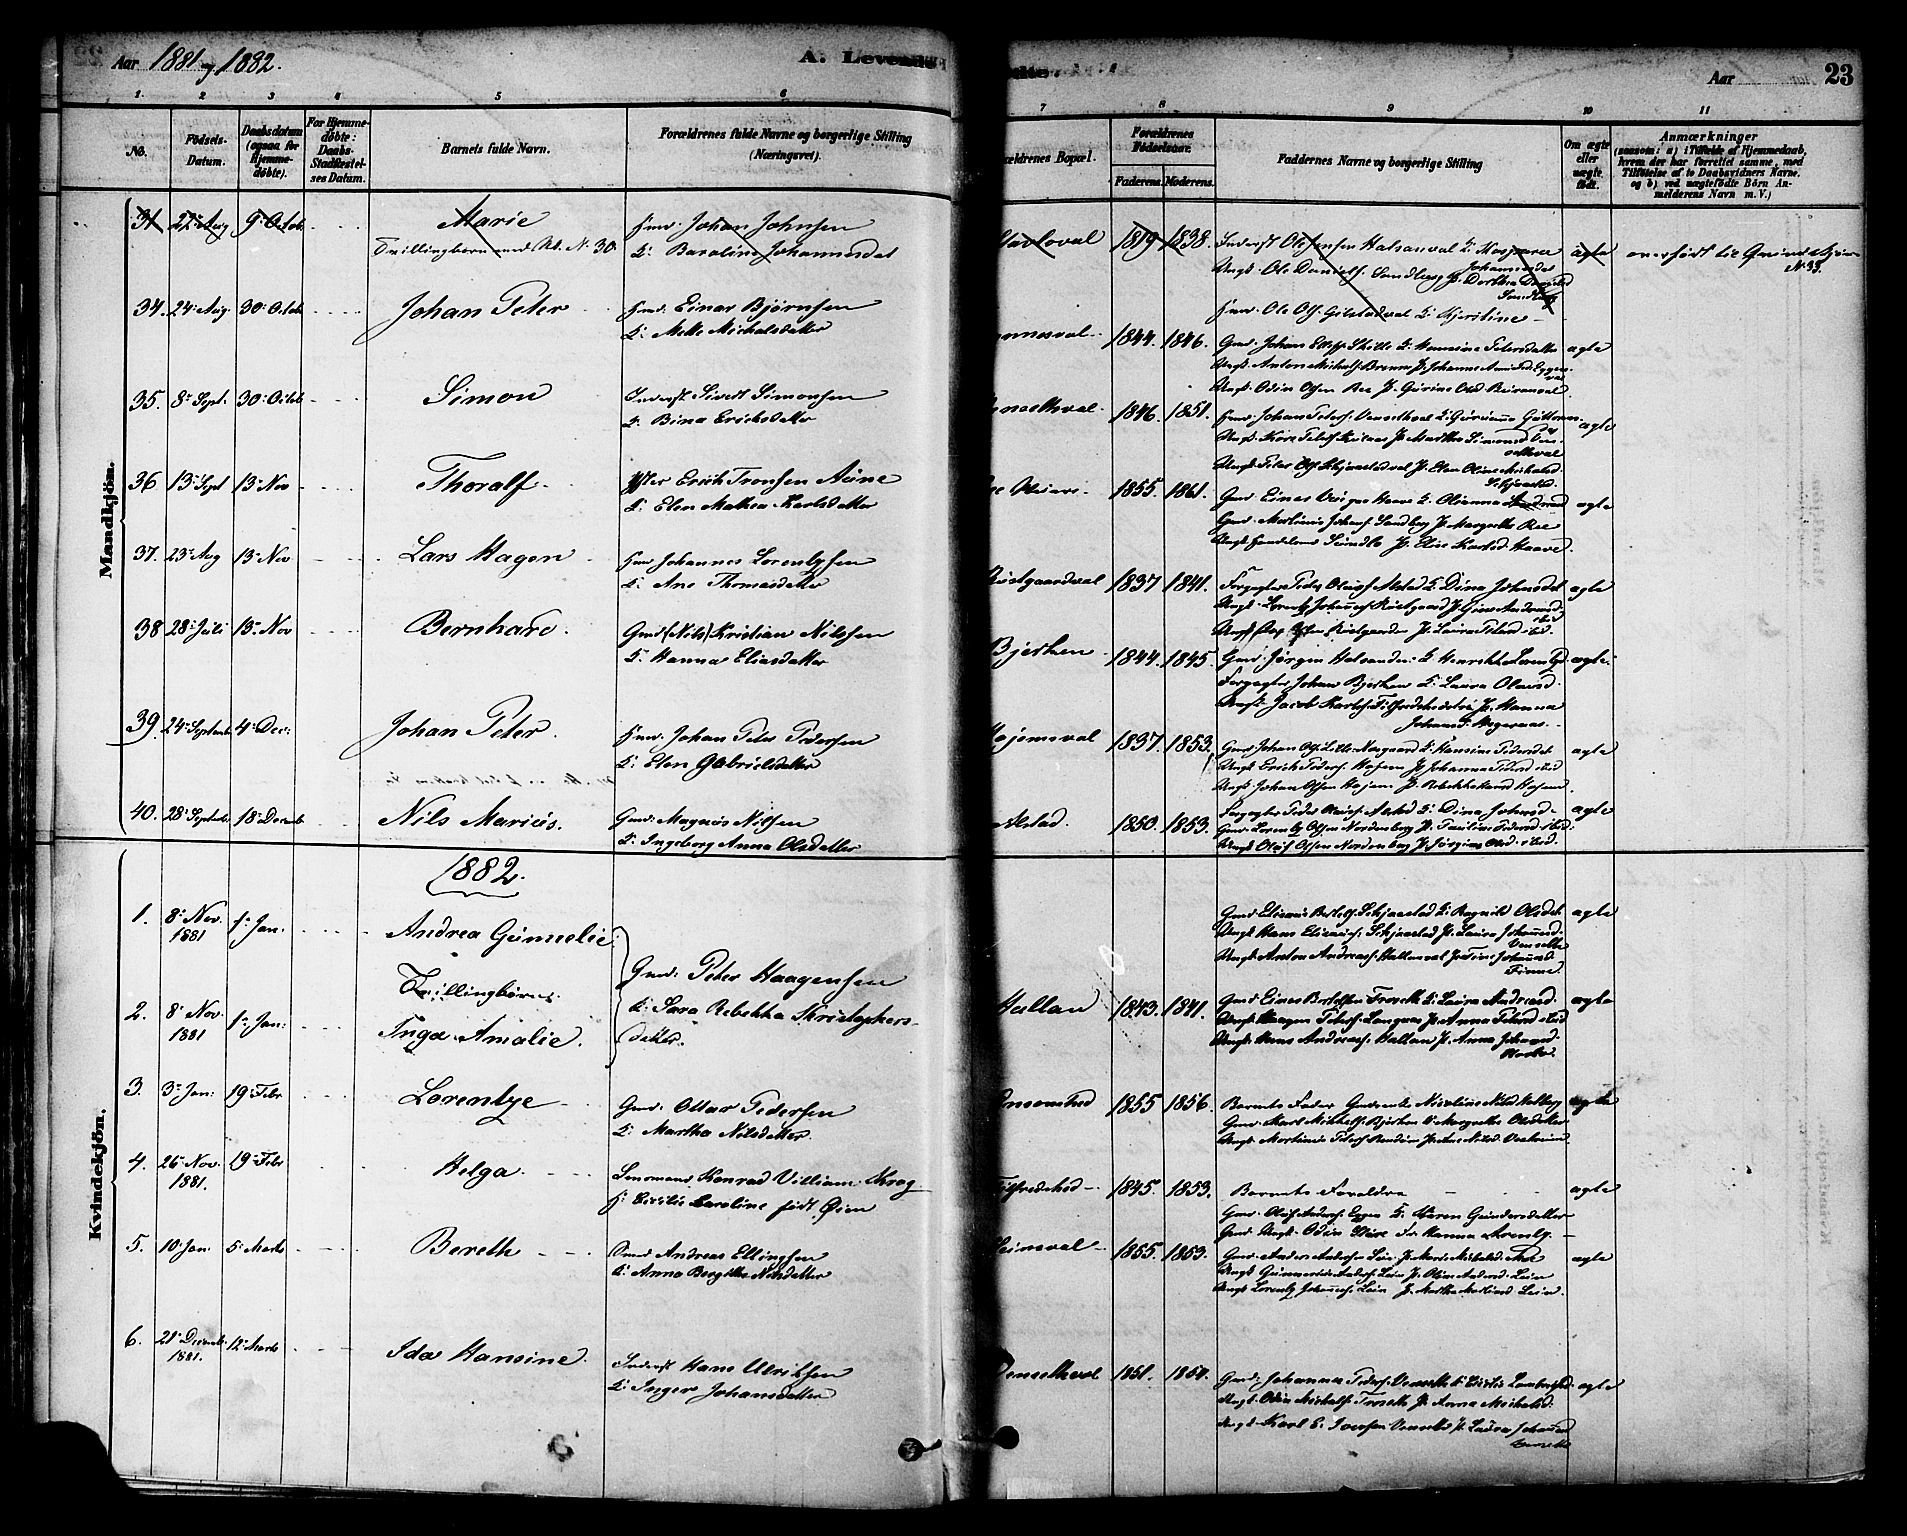 SAT, Ministerialprotokoller, klokkerbøker og fødselsregistre - Nord-Trøndelag, 717/L0159: Ministerialbok nr. 717A09, 1878-1898, s. 23